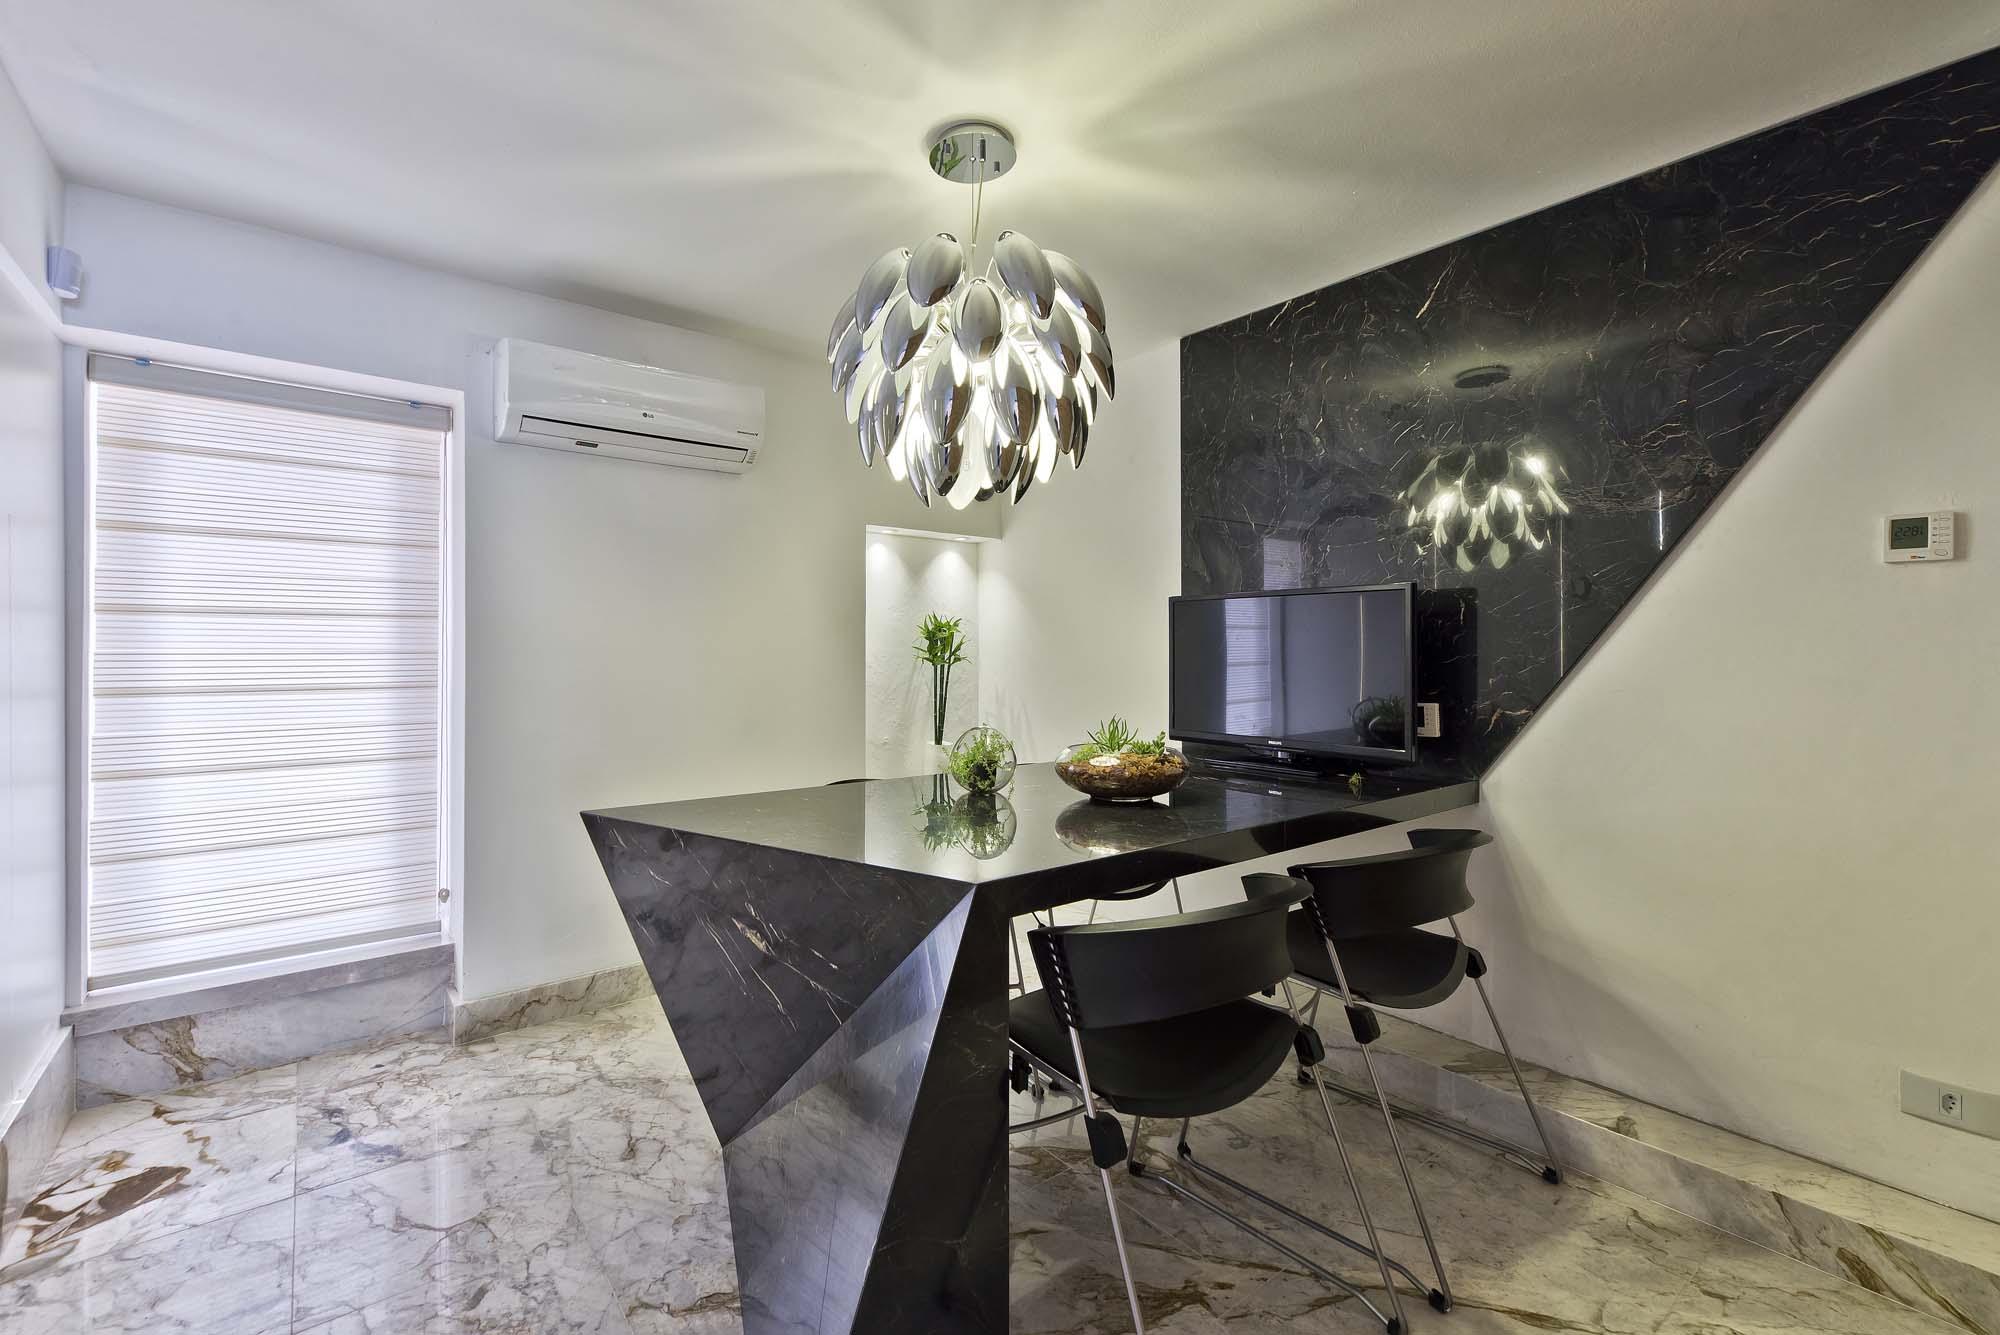 Sala de reunião tem toque mais requintado. Destaque para a mesa esculpida em mármore.